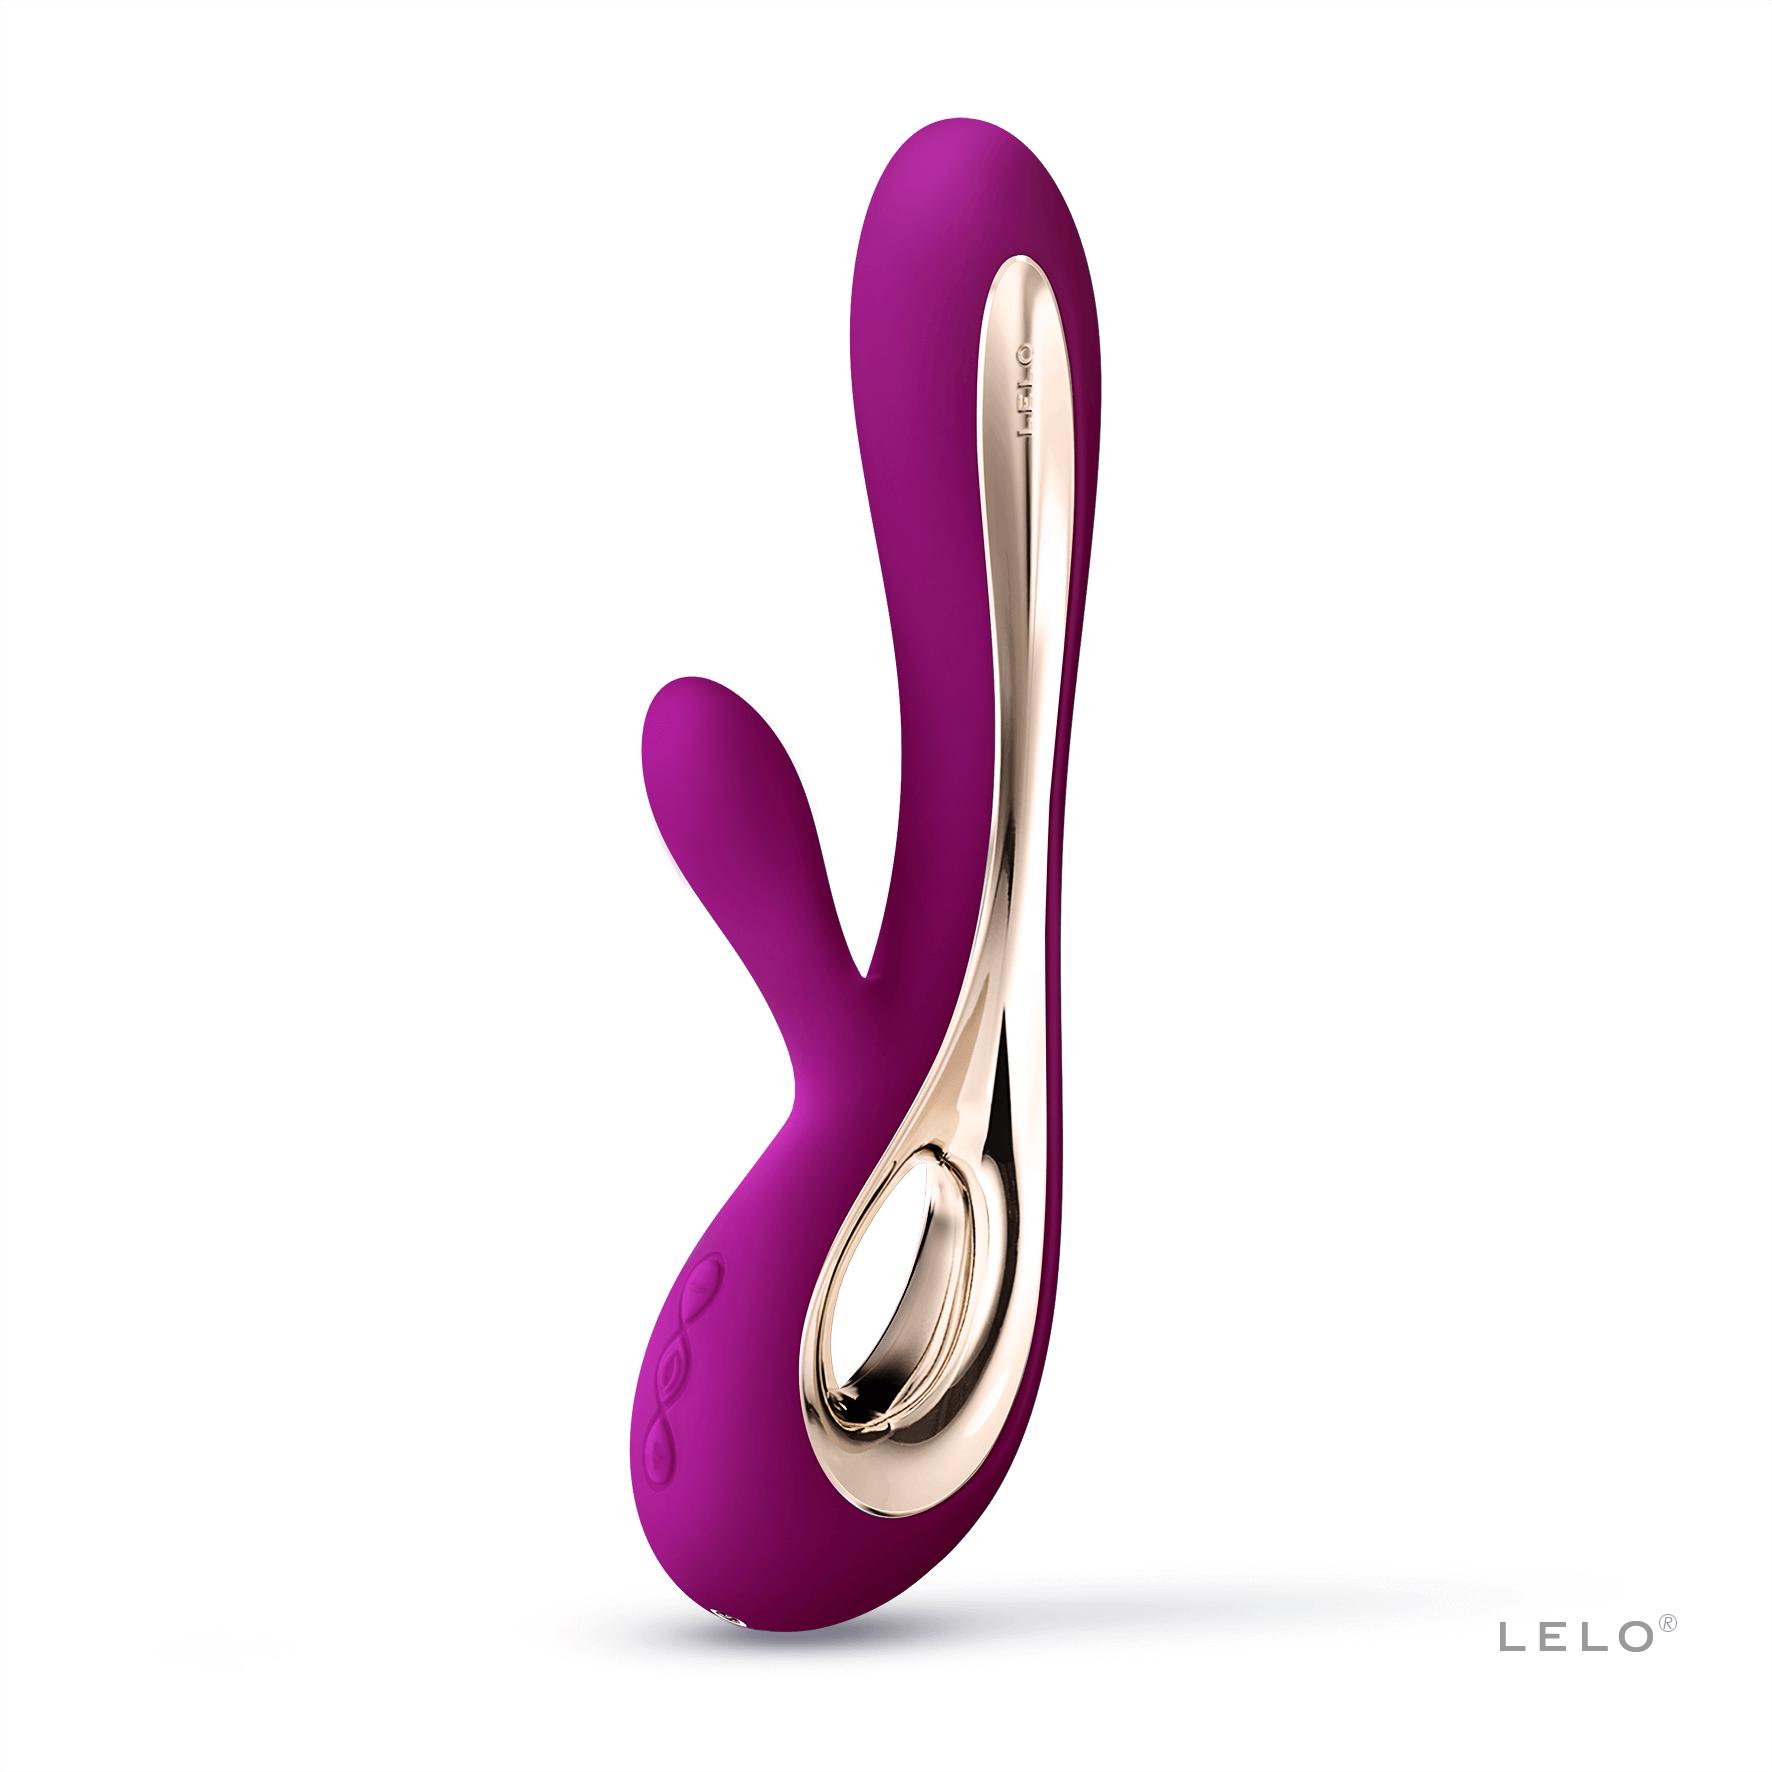 LELO Soraya 2 luxusní vibrátor Deep Rose